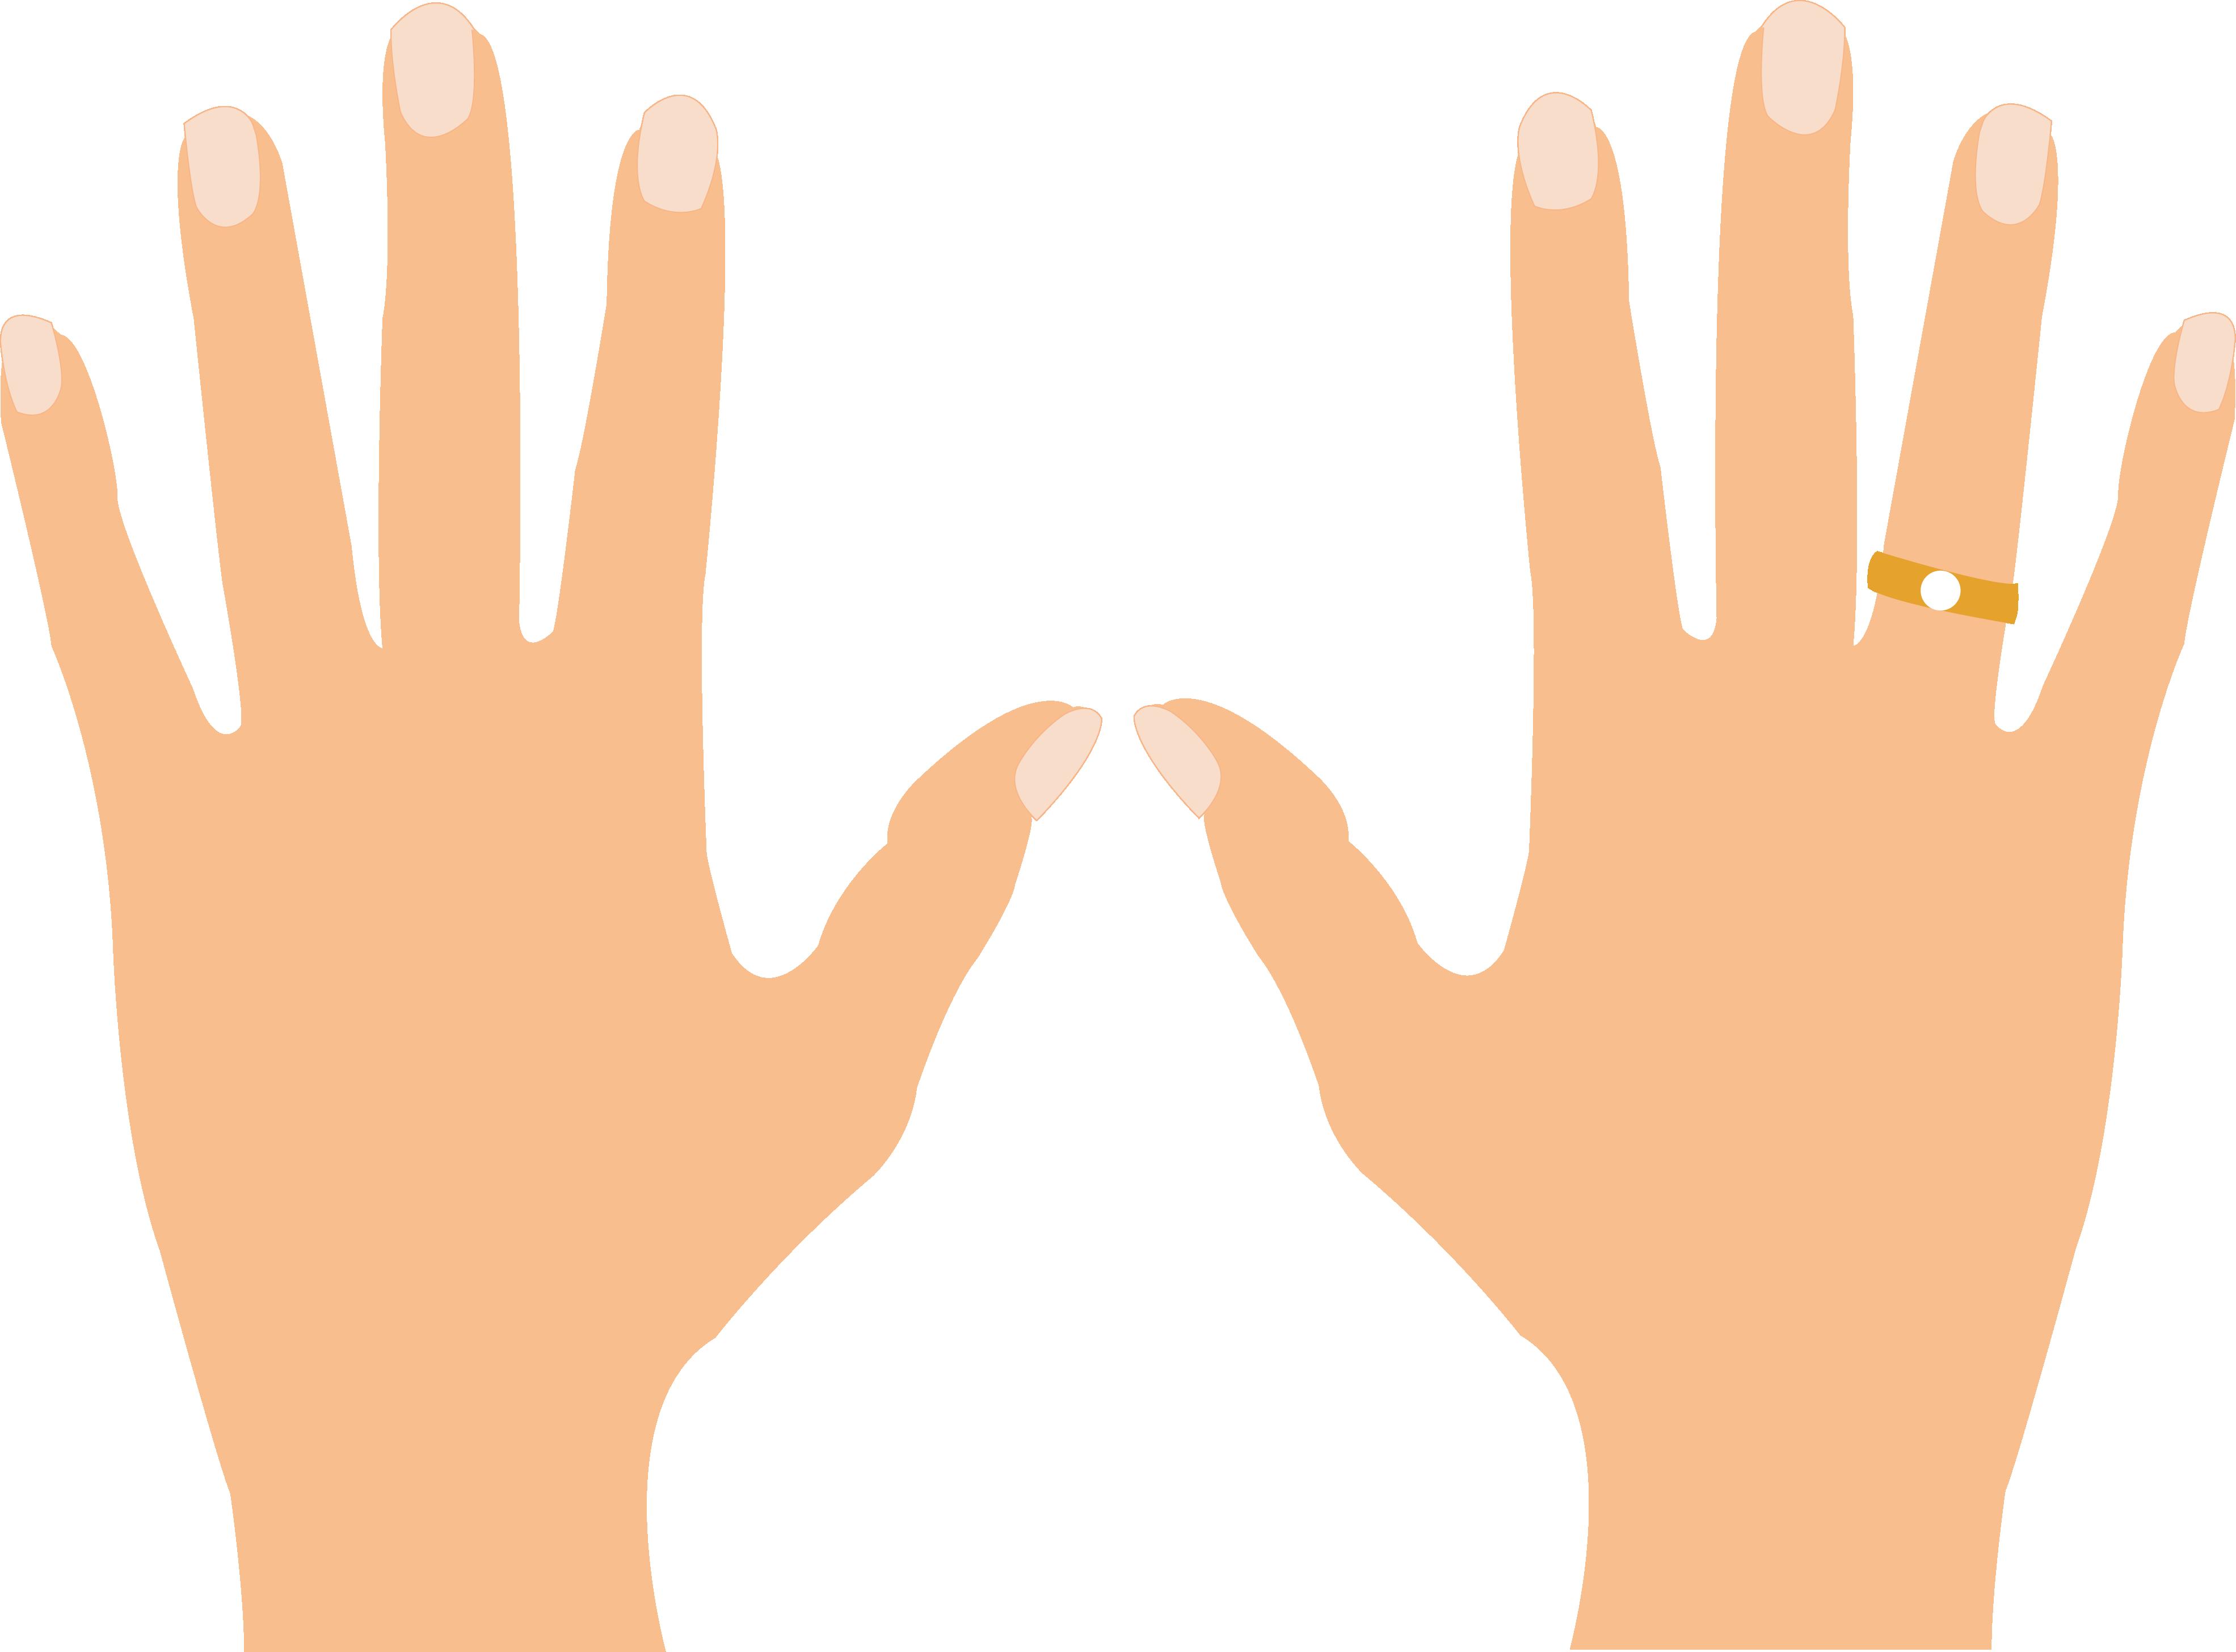 an welcher hand kommt der ehering